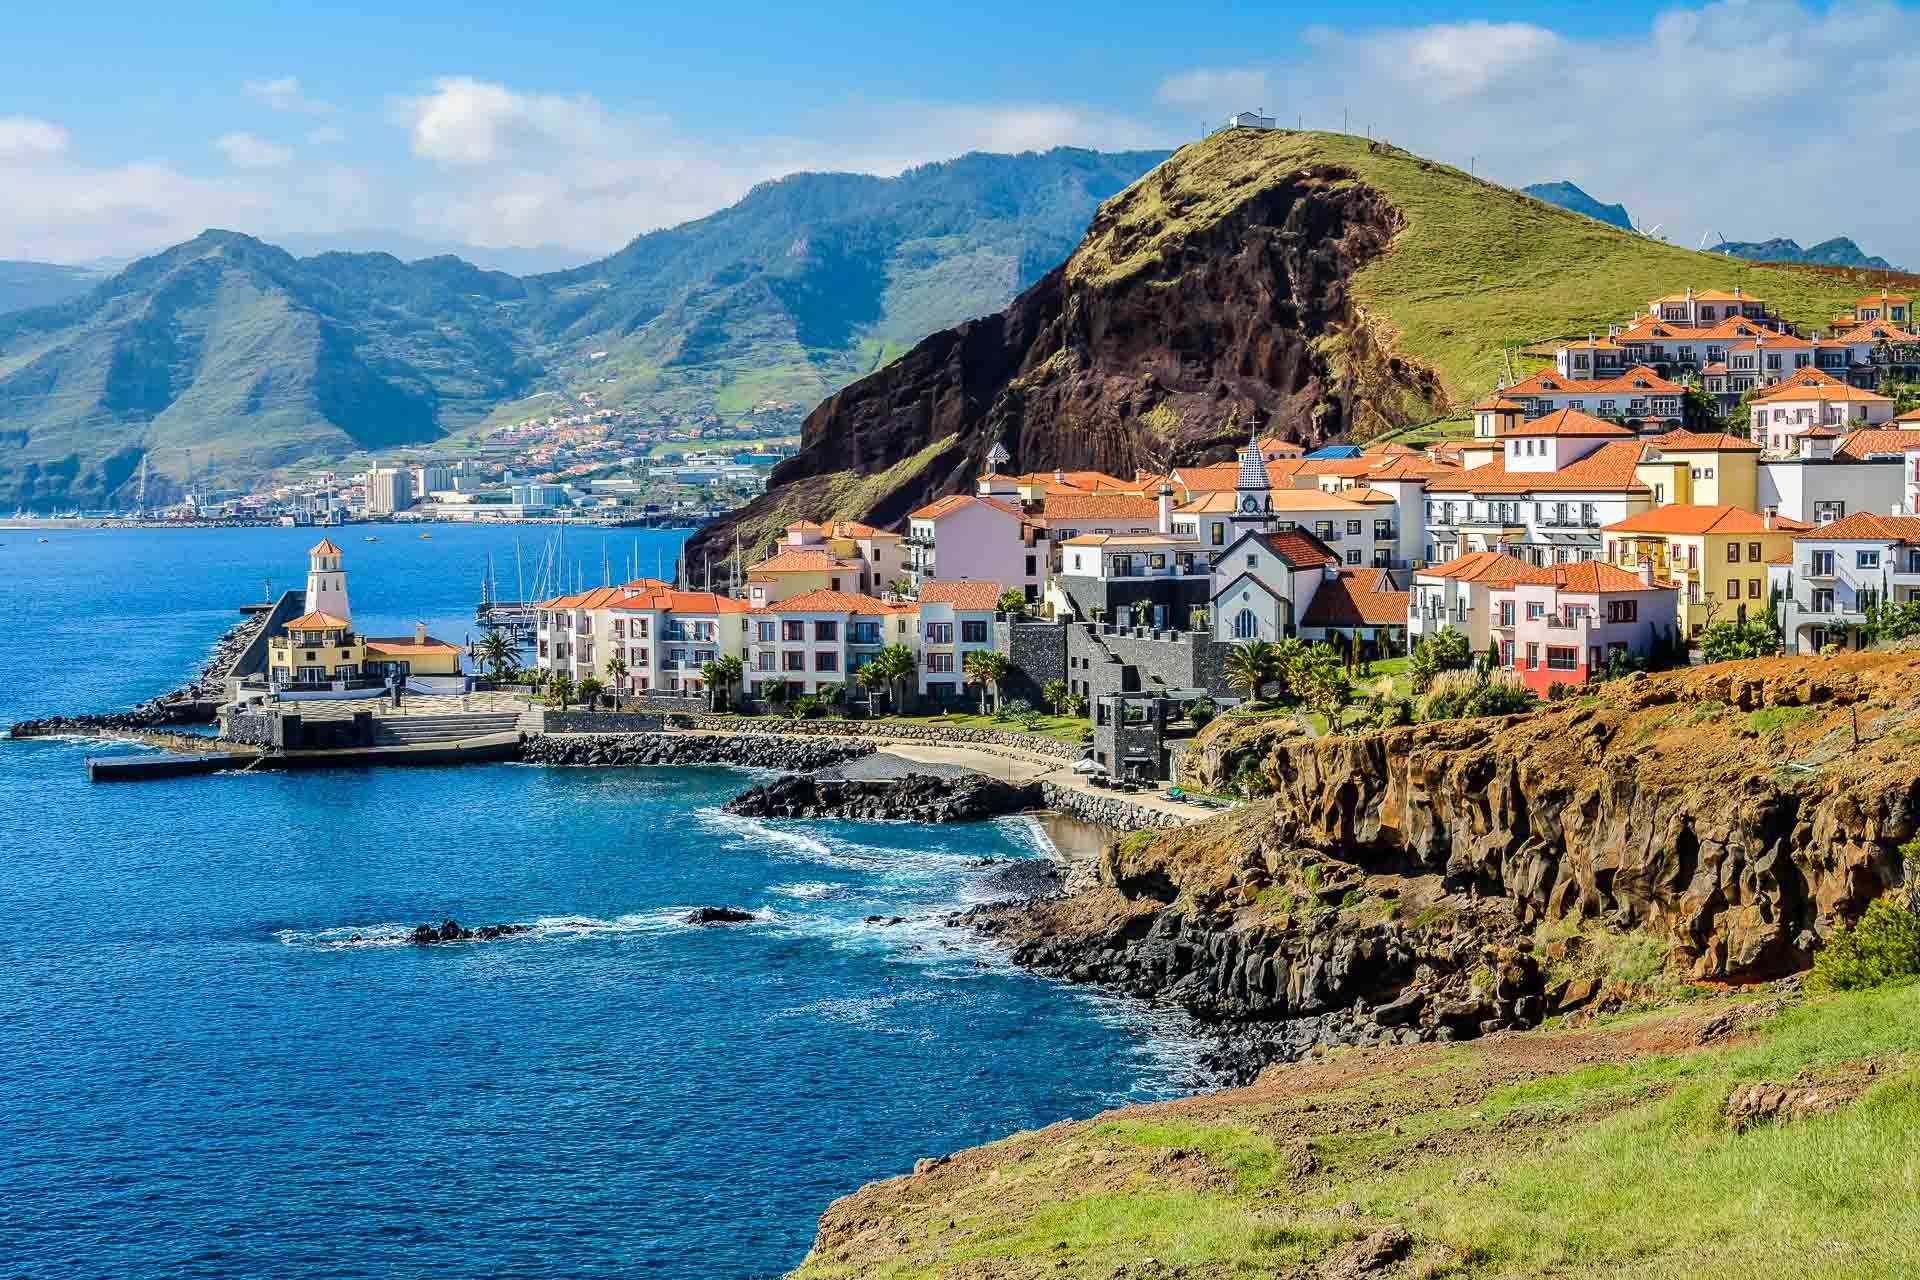 Végétation luxuriante, climat subtropical, plages noires de basalte et sommets escarpés… le tout à seulement quatre heures de la France. Surnommée « L'île aux fleurs », le bel archipel de Madère n'a rien à envier à la plupart des destinations exotiques situées à l'autre bout du monde. La preuve en 72h.